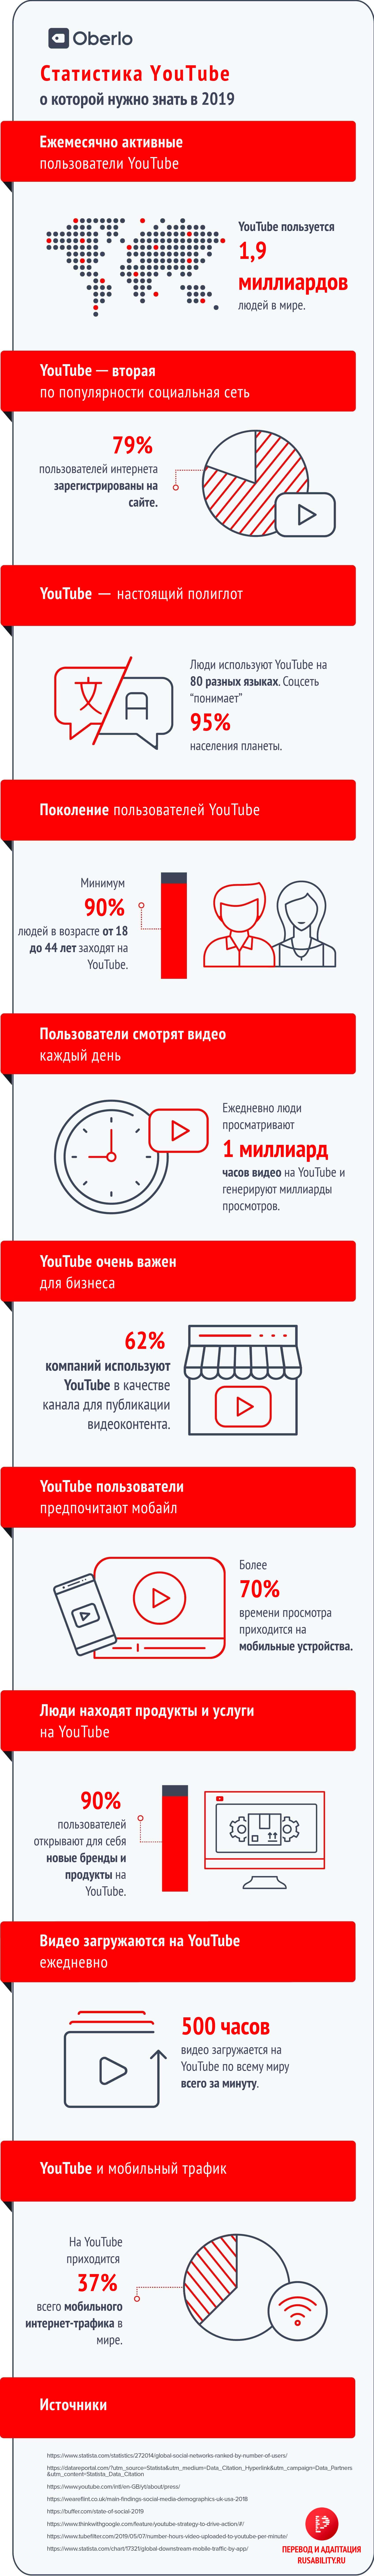 Статистика YouTube 2019